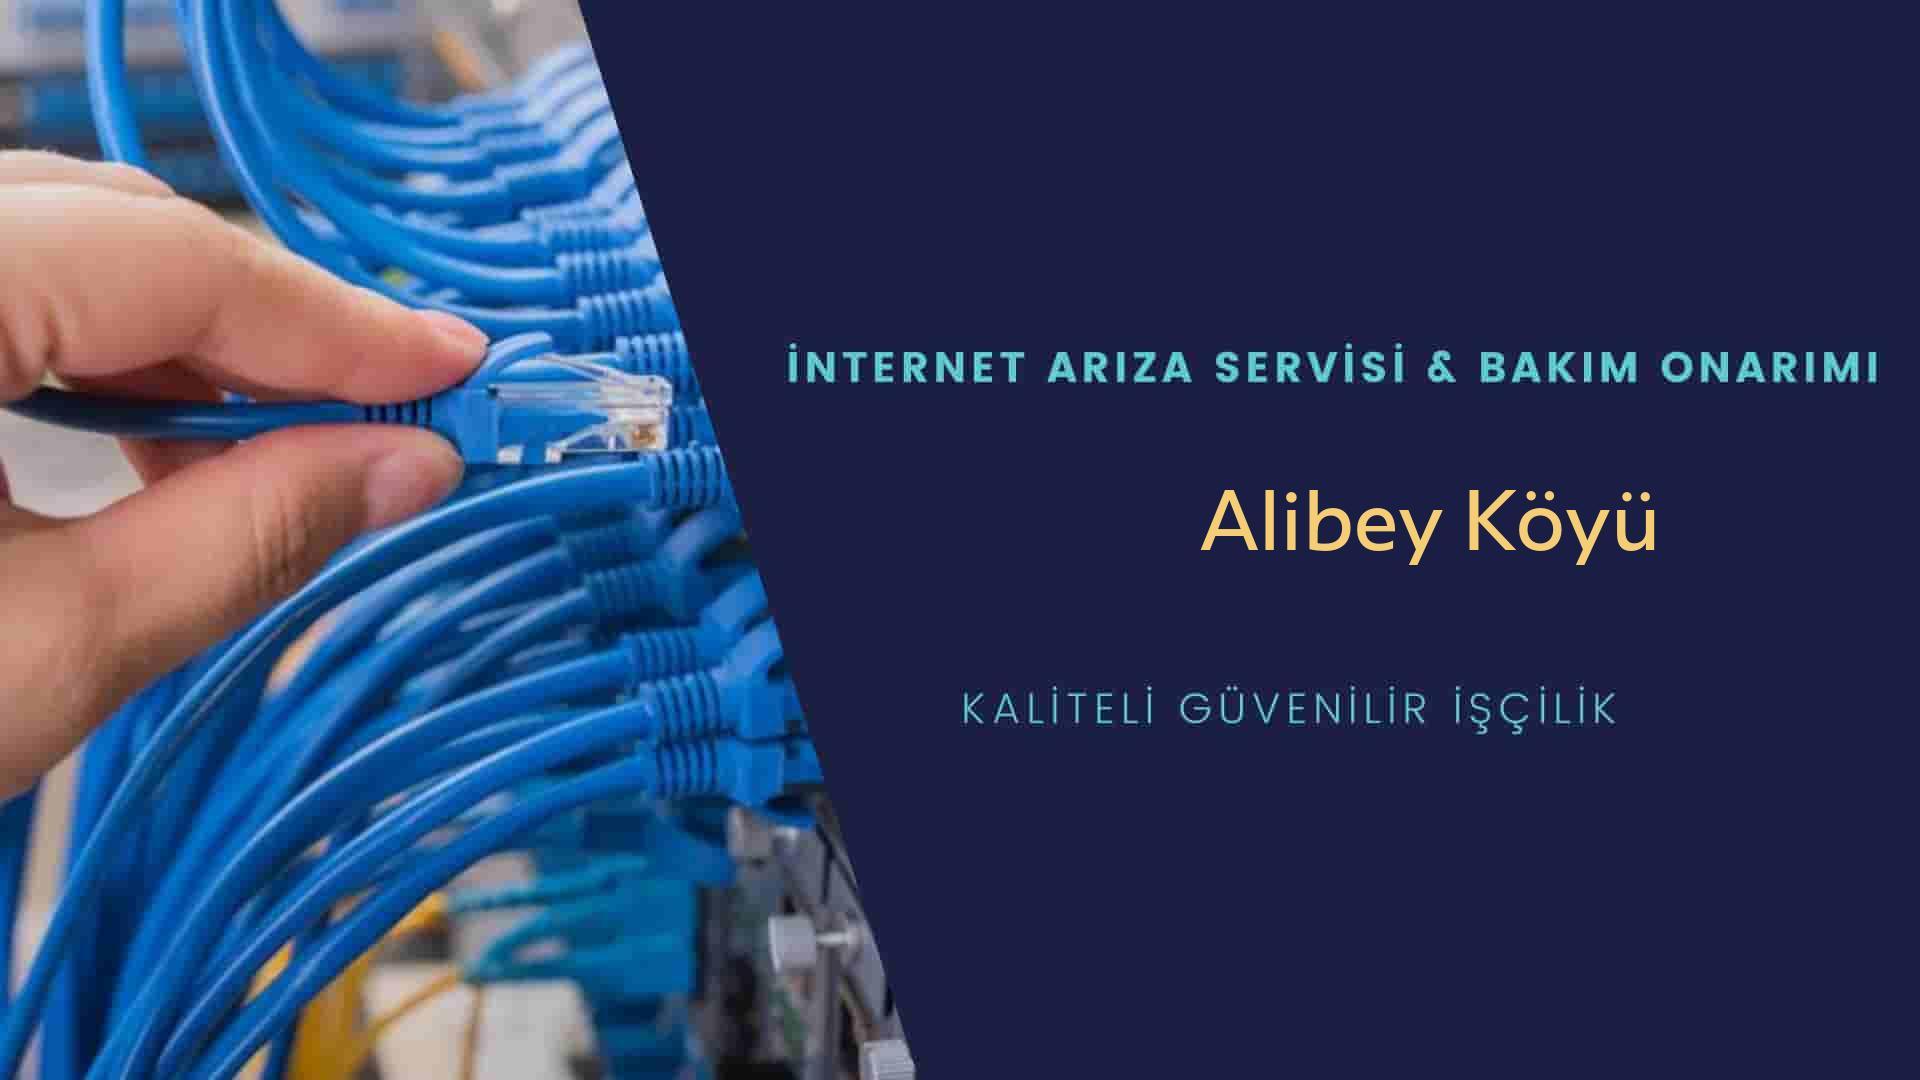 Alibey Köyü internet kablosu çekimi yapan yerler veya elektrikçiler mi? arıyorsunuz doğru yerdesiniz o zaman sizlere 7/24 yardımcı olacak profesyonel ustalarımız bir telefon kadar yakındır size.